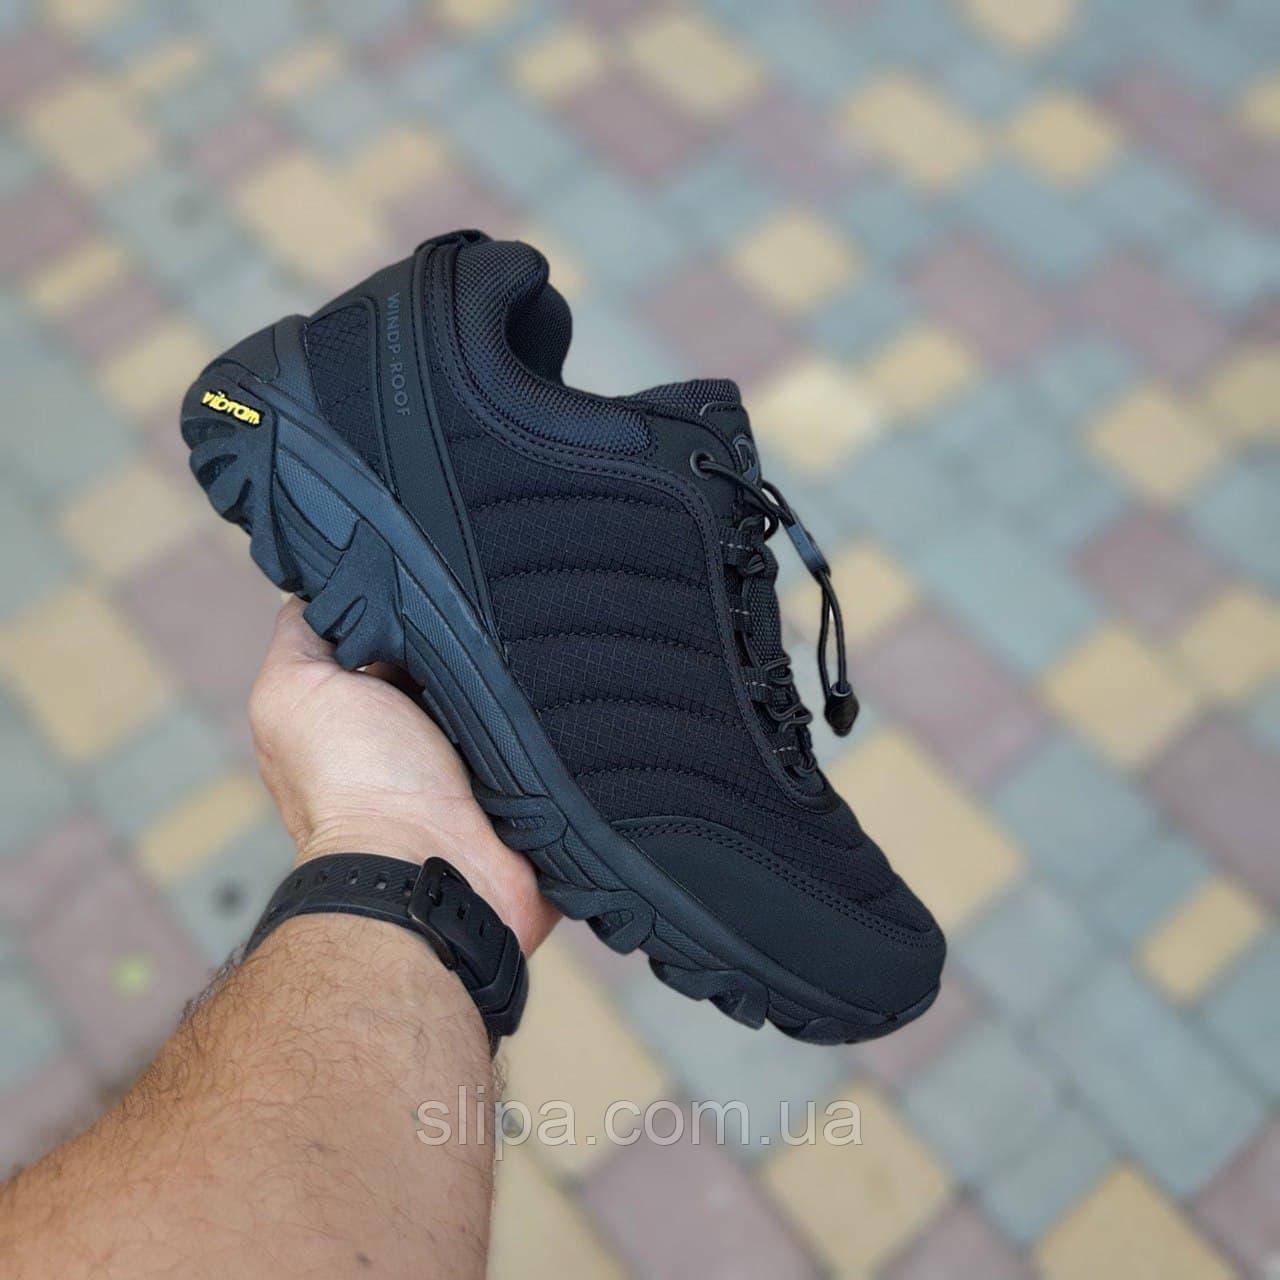 Мужские зимние кроссовки Merrell Vibram чёрные ( термо, без меха )